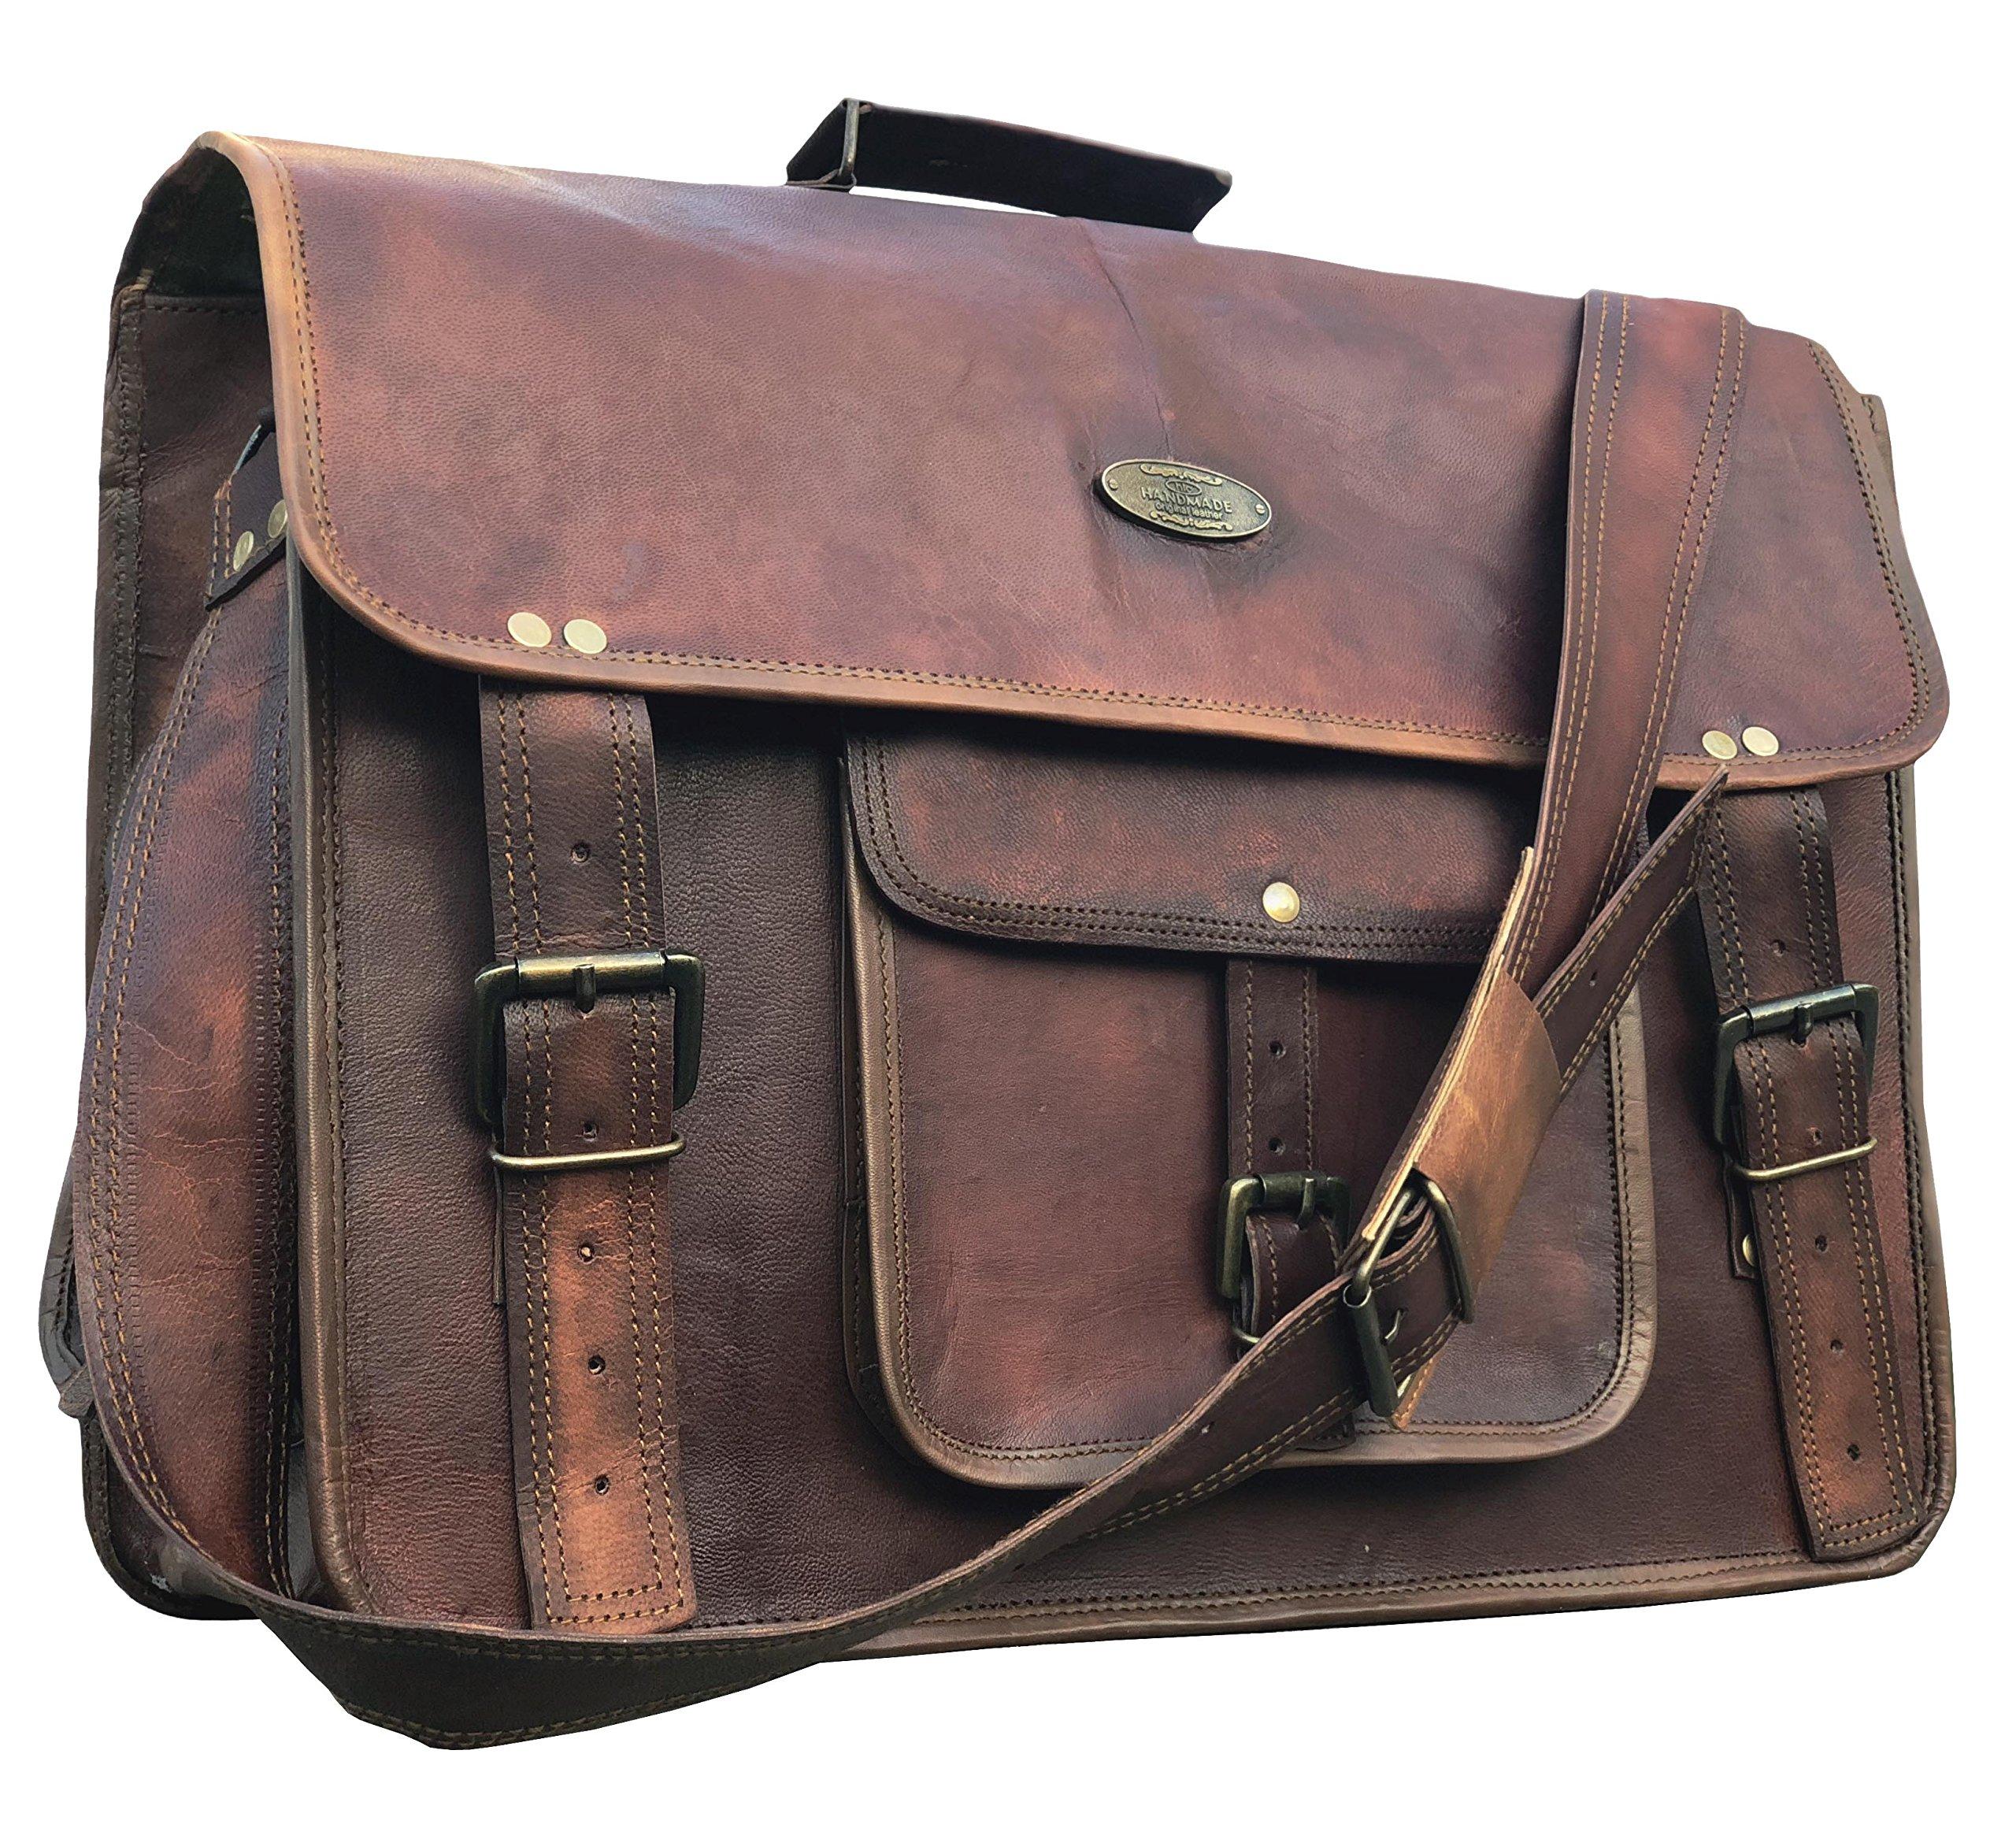 leather messenger bags for men women 18'' mens briefcase laptop bag best computer shoulder satchel school distressed bag